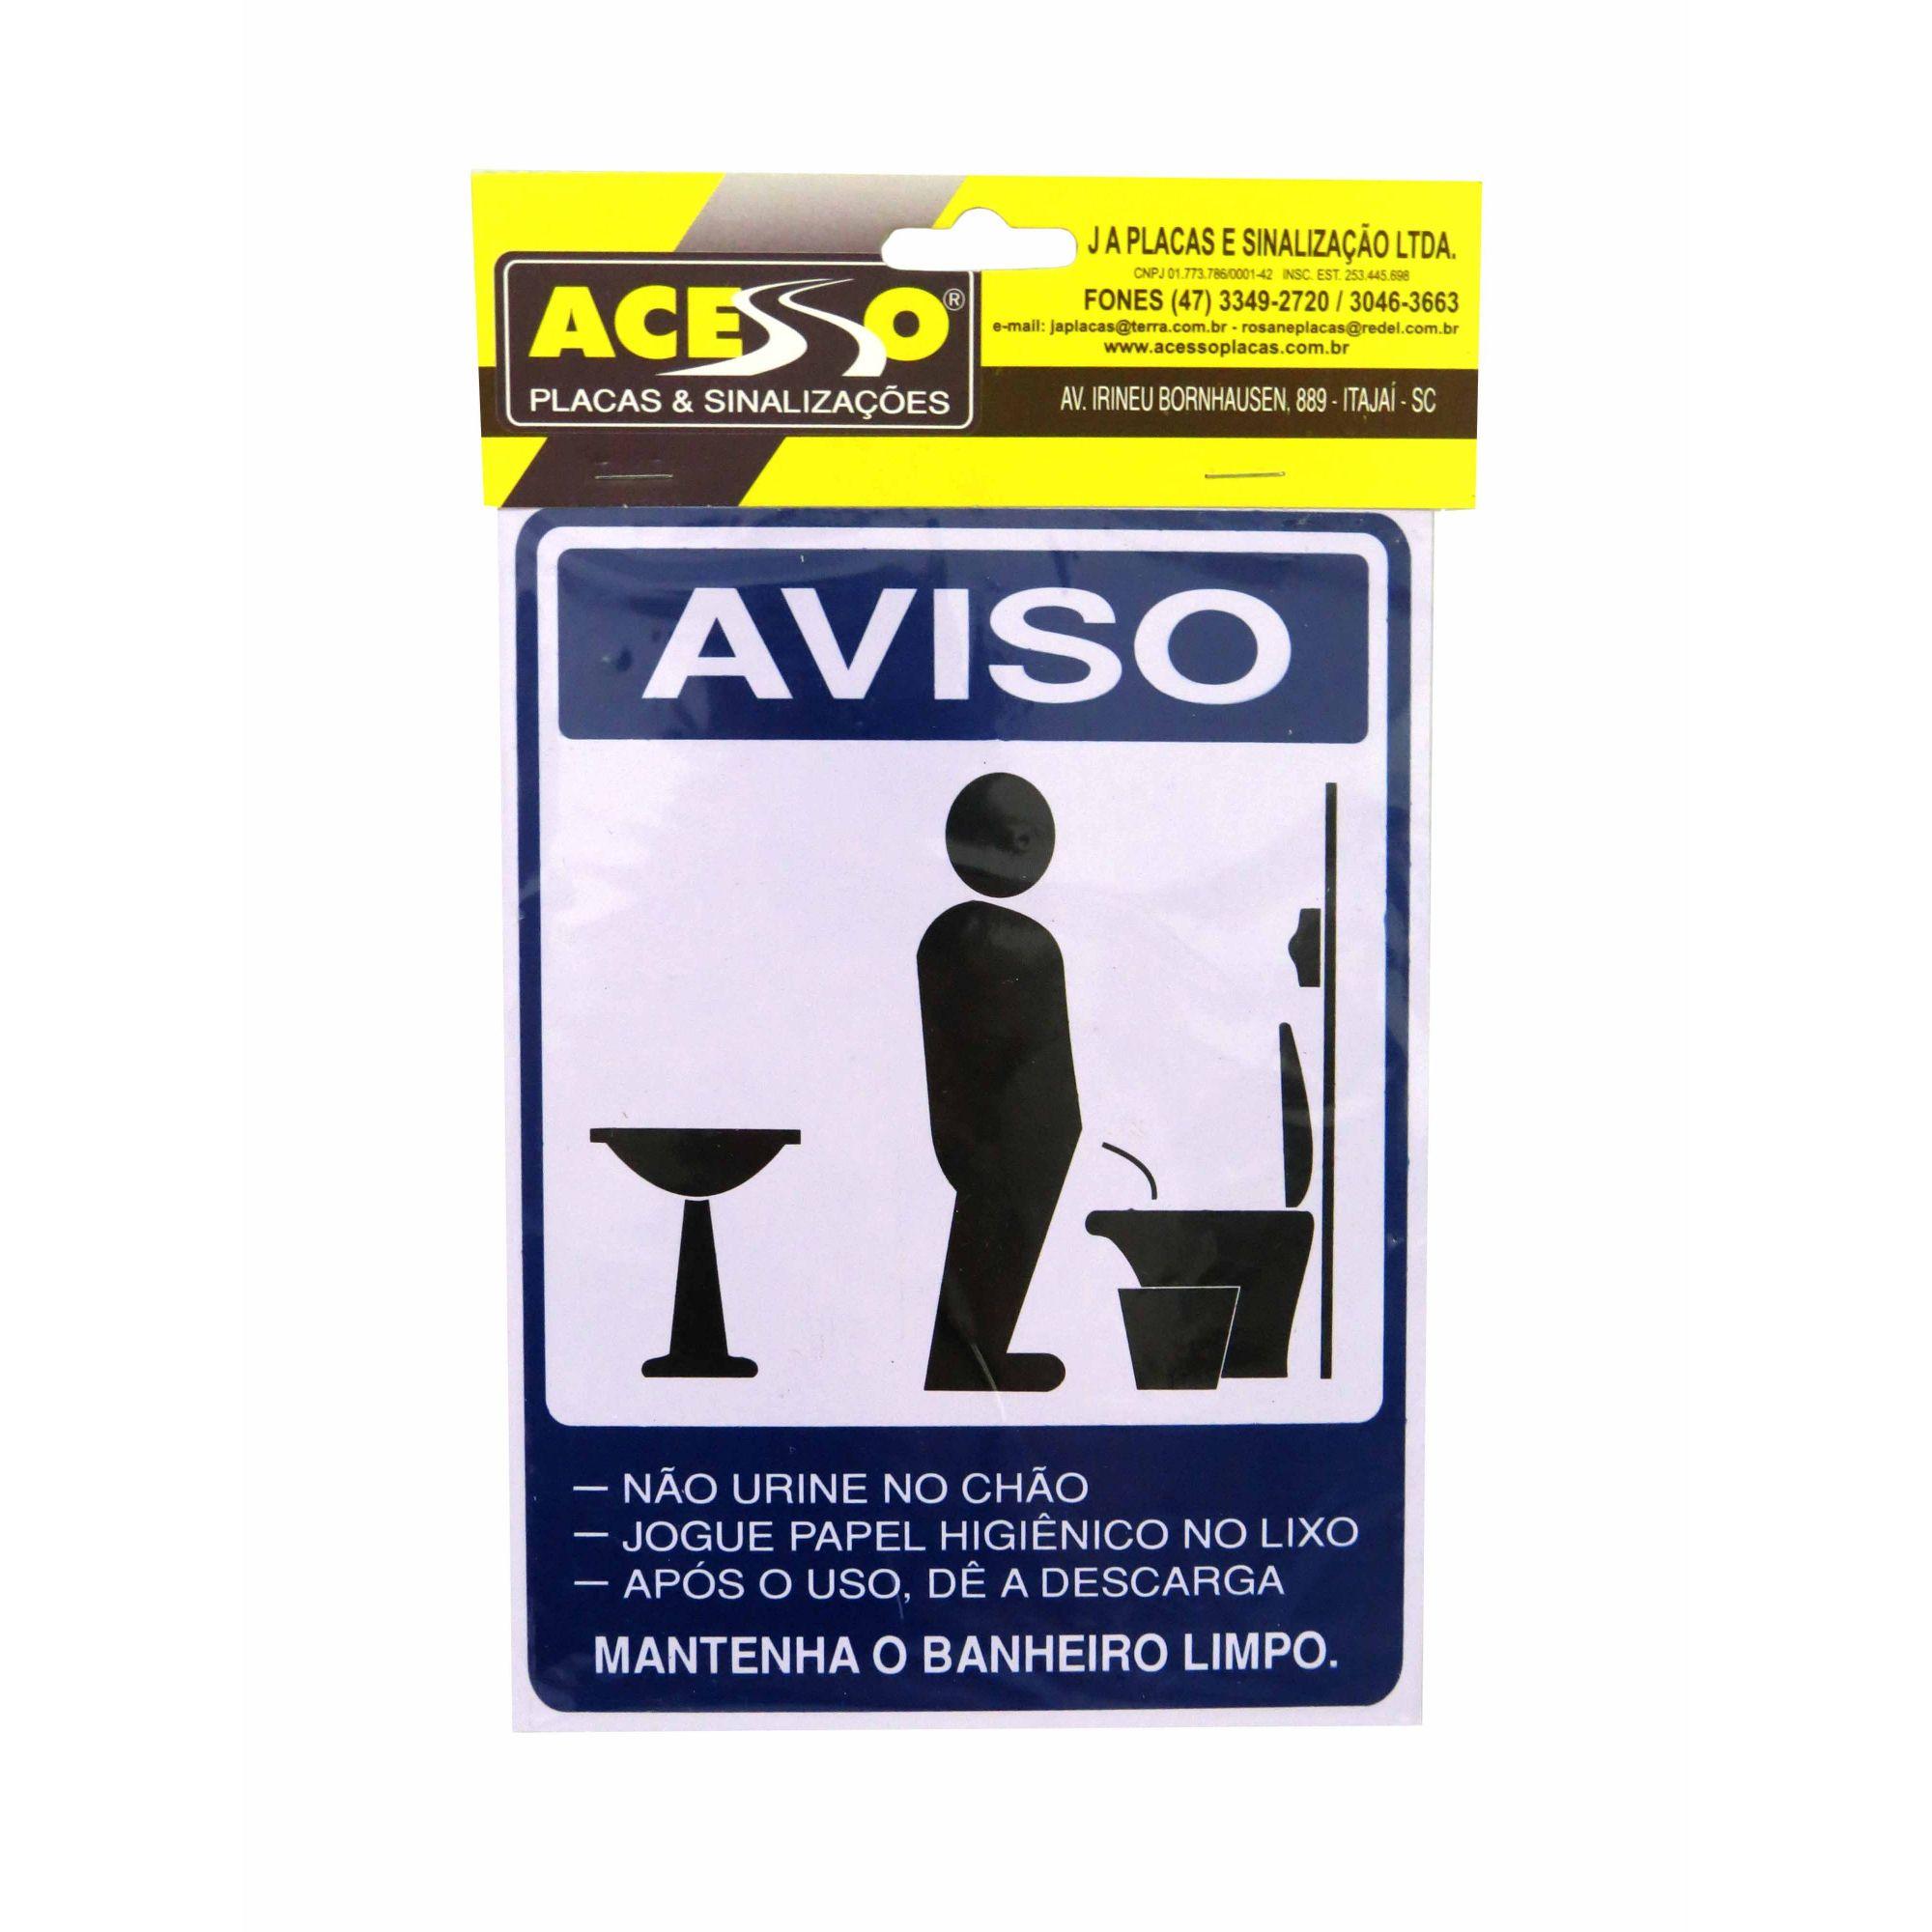 Placa Aviso Mantenha o Banheiro Masculino Limpo (E)